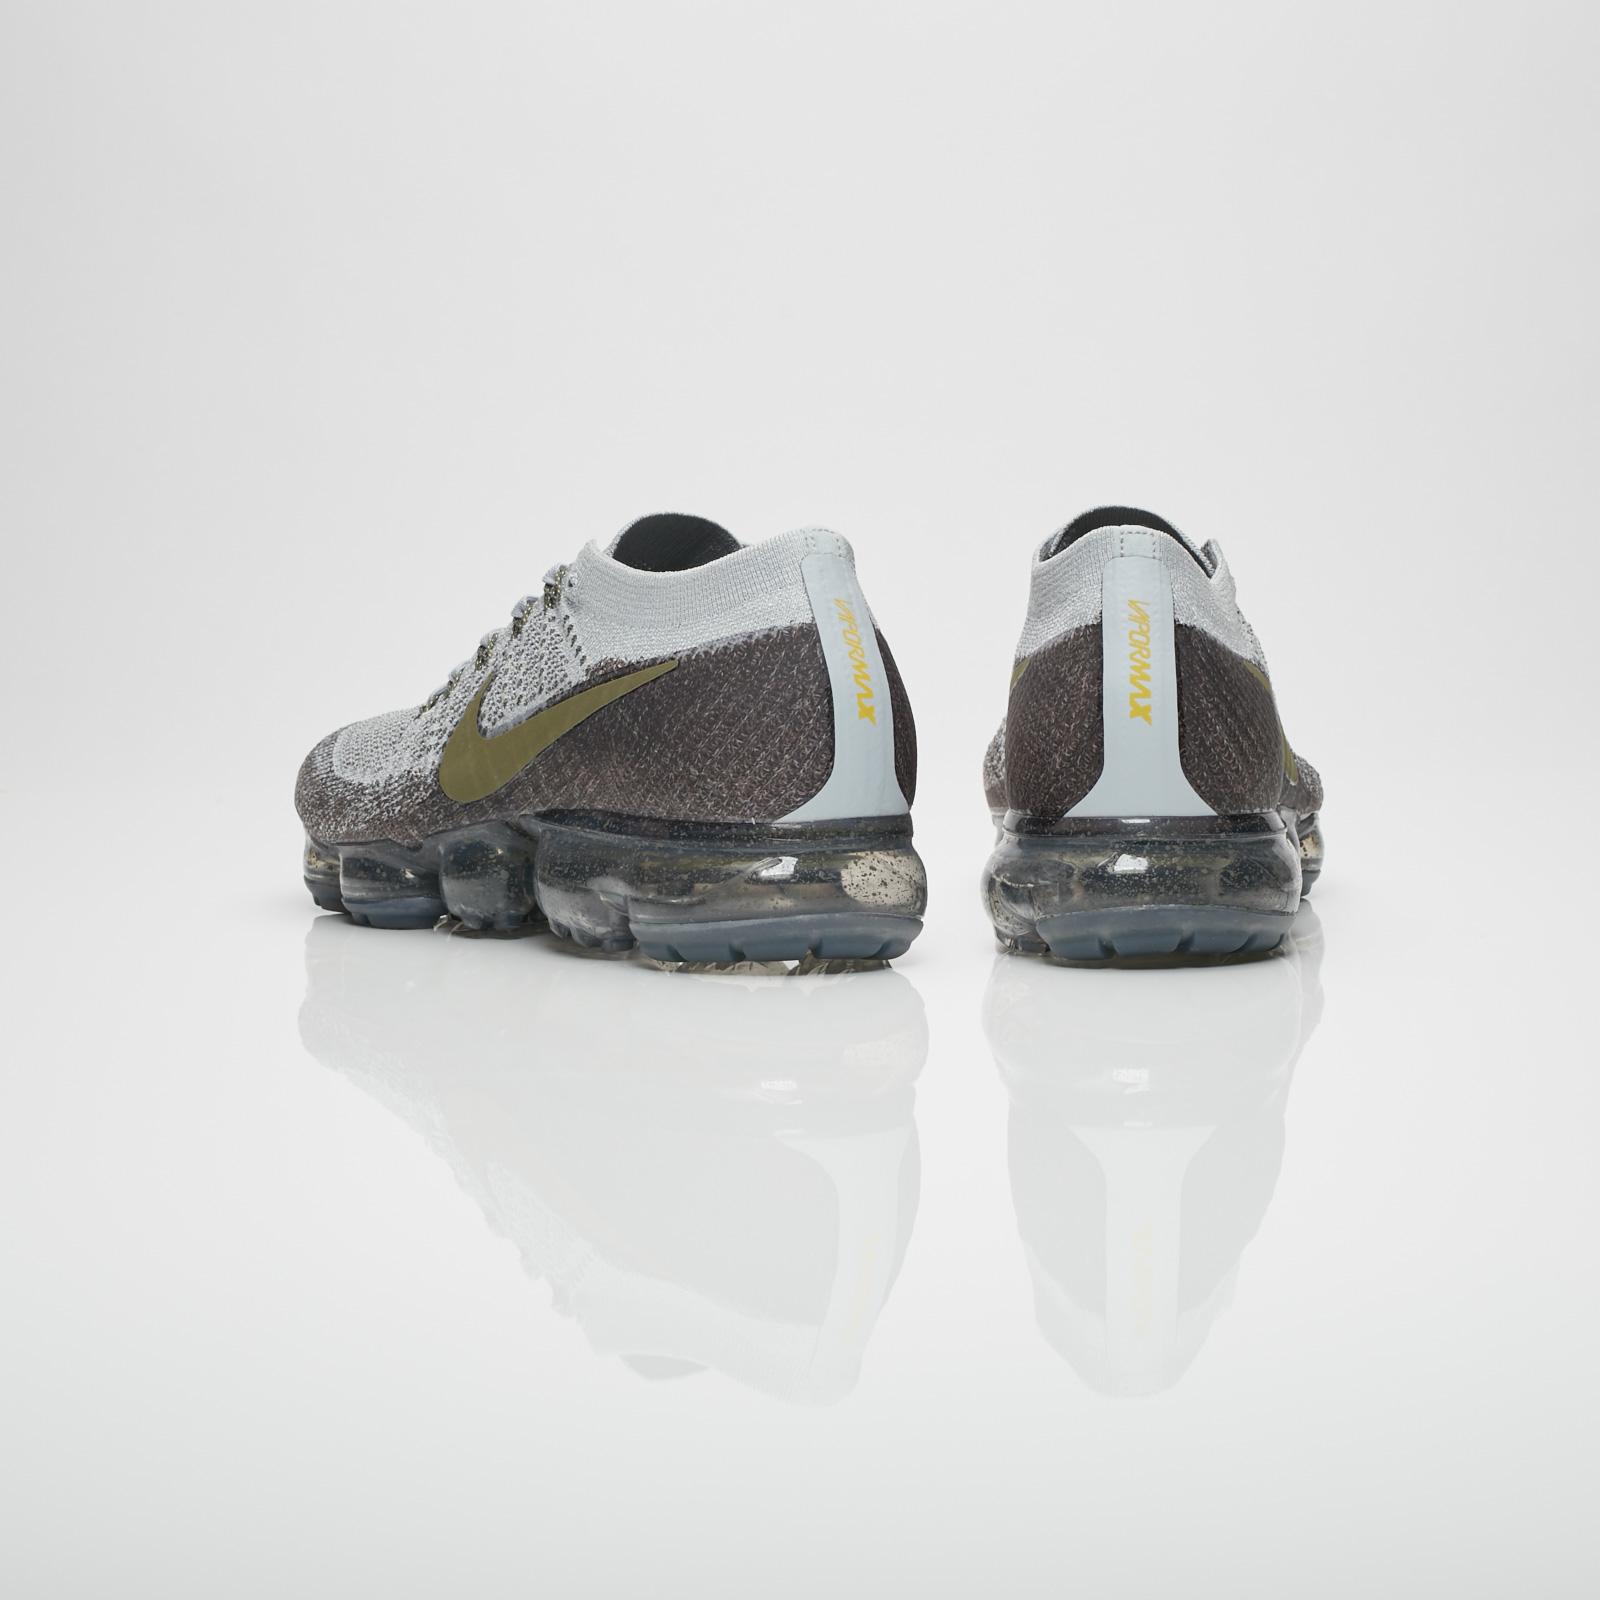 89bc9e1749d96 Nike Air Vapormax Flyknit - 899473-009 - Sneakersnstuff